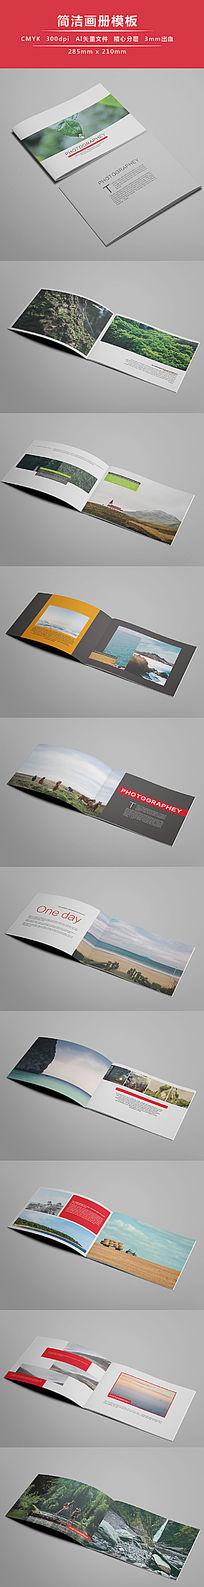 横版公司宣传画册版式设计